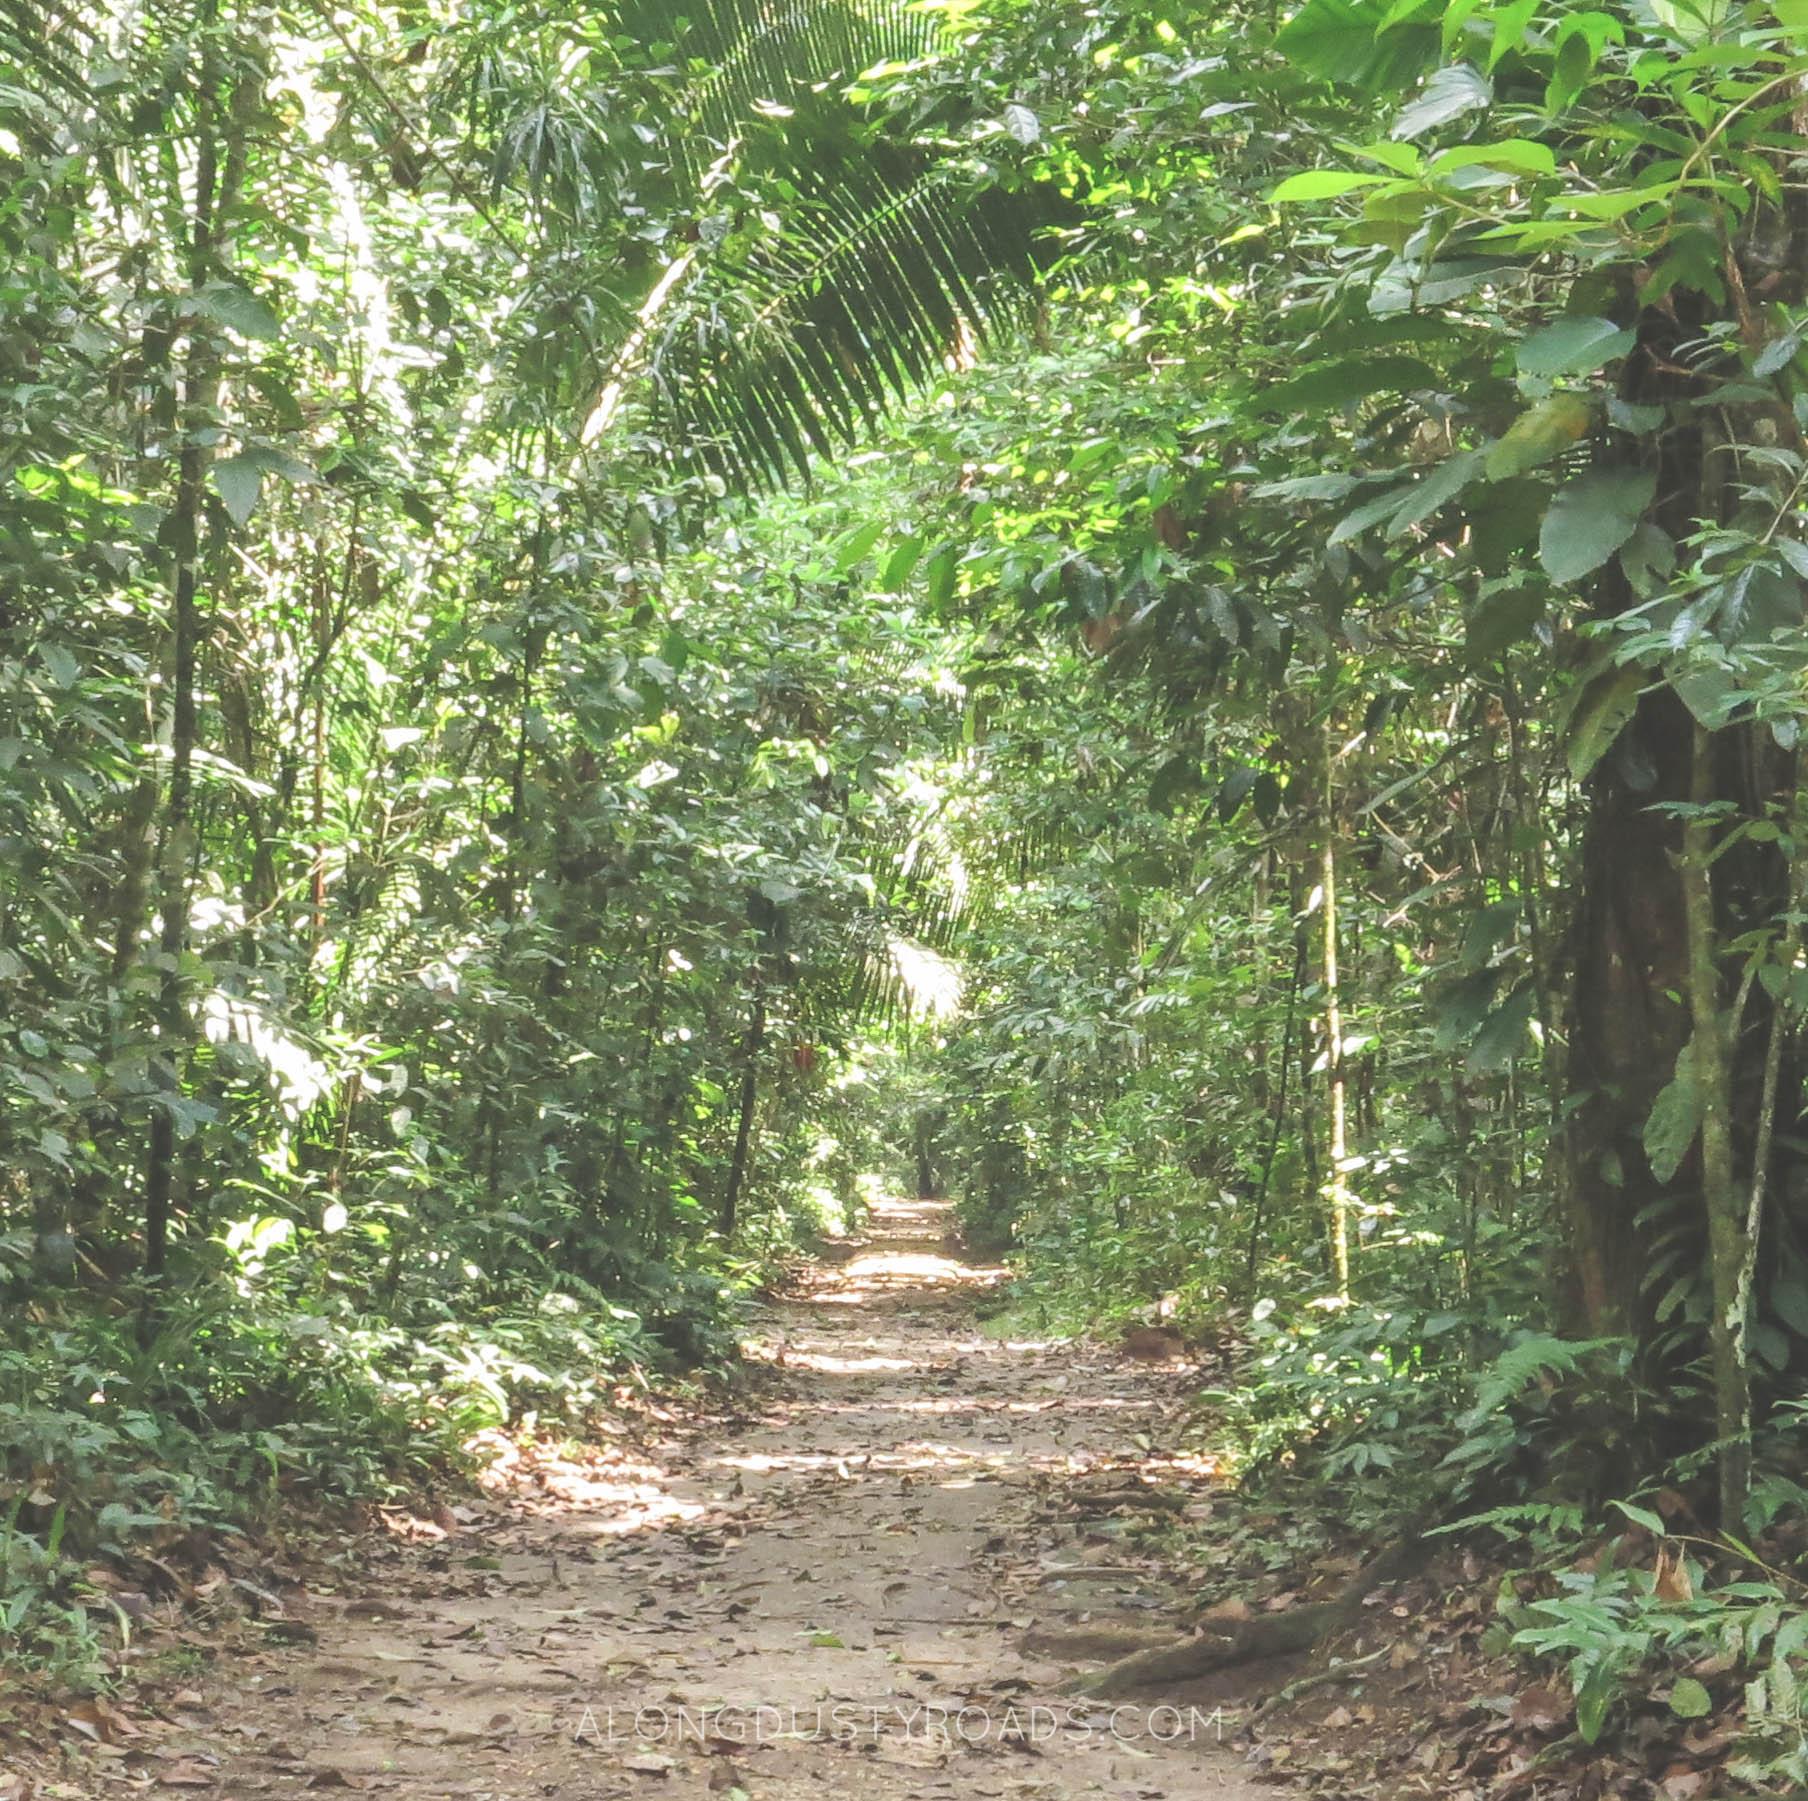 laguna lachua rainforest